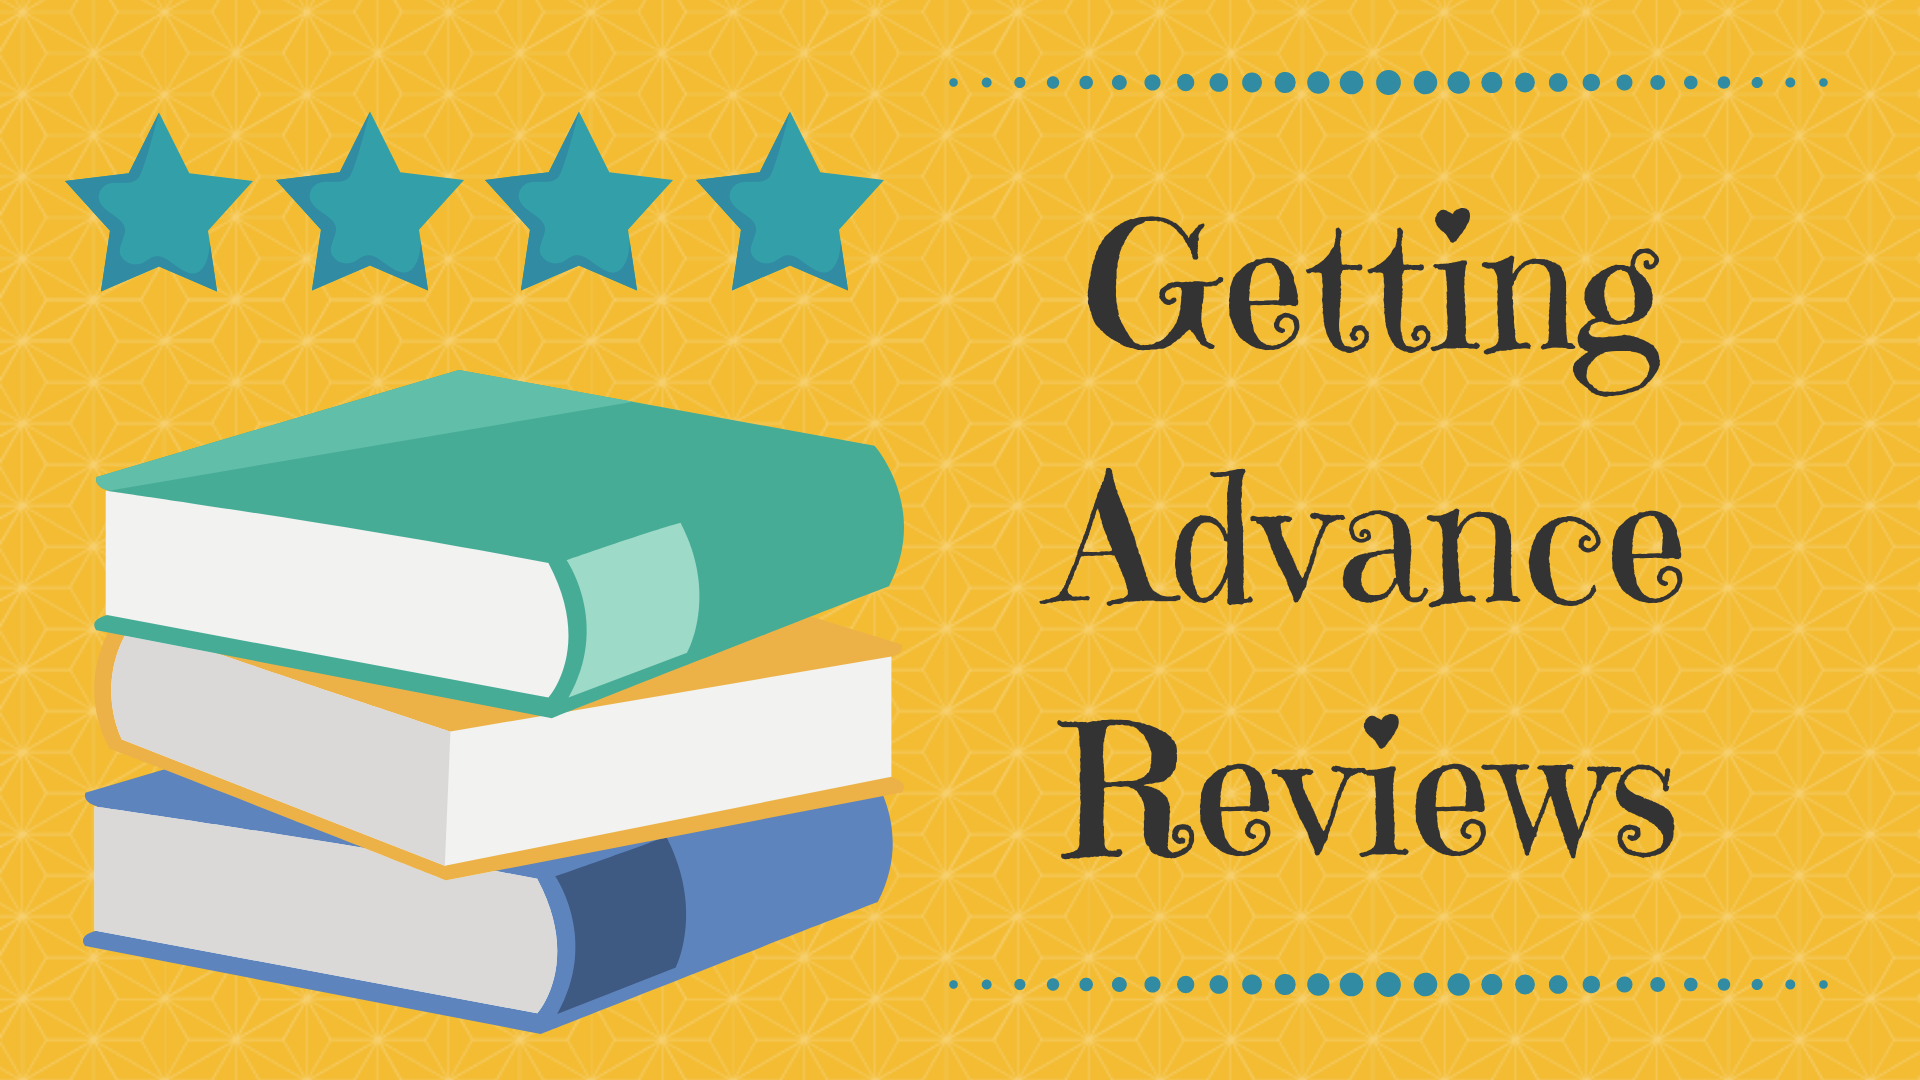 Advance Reviews